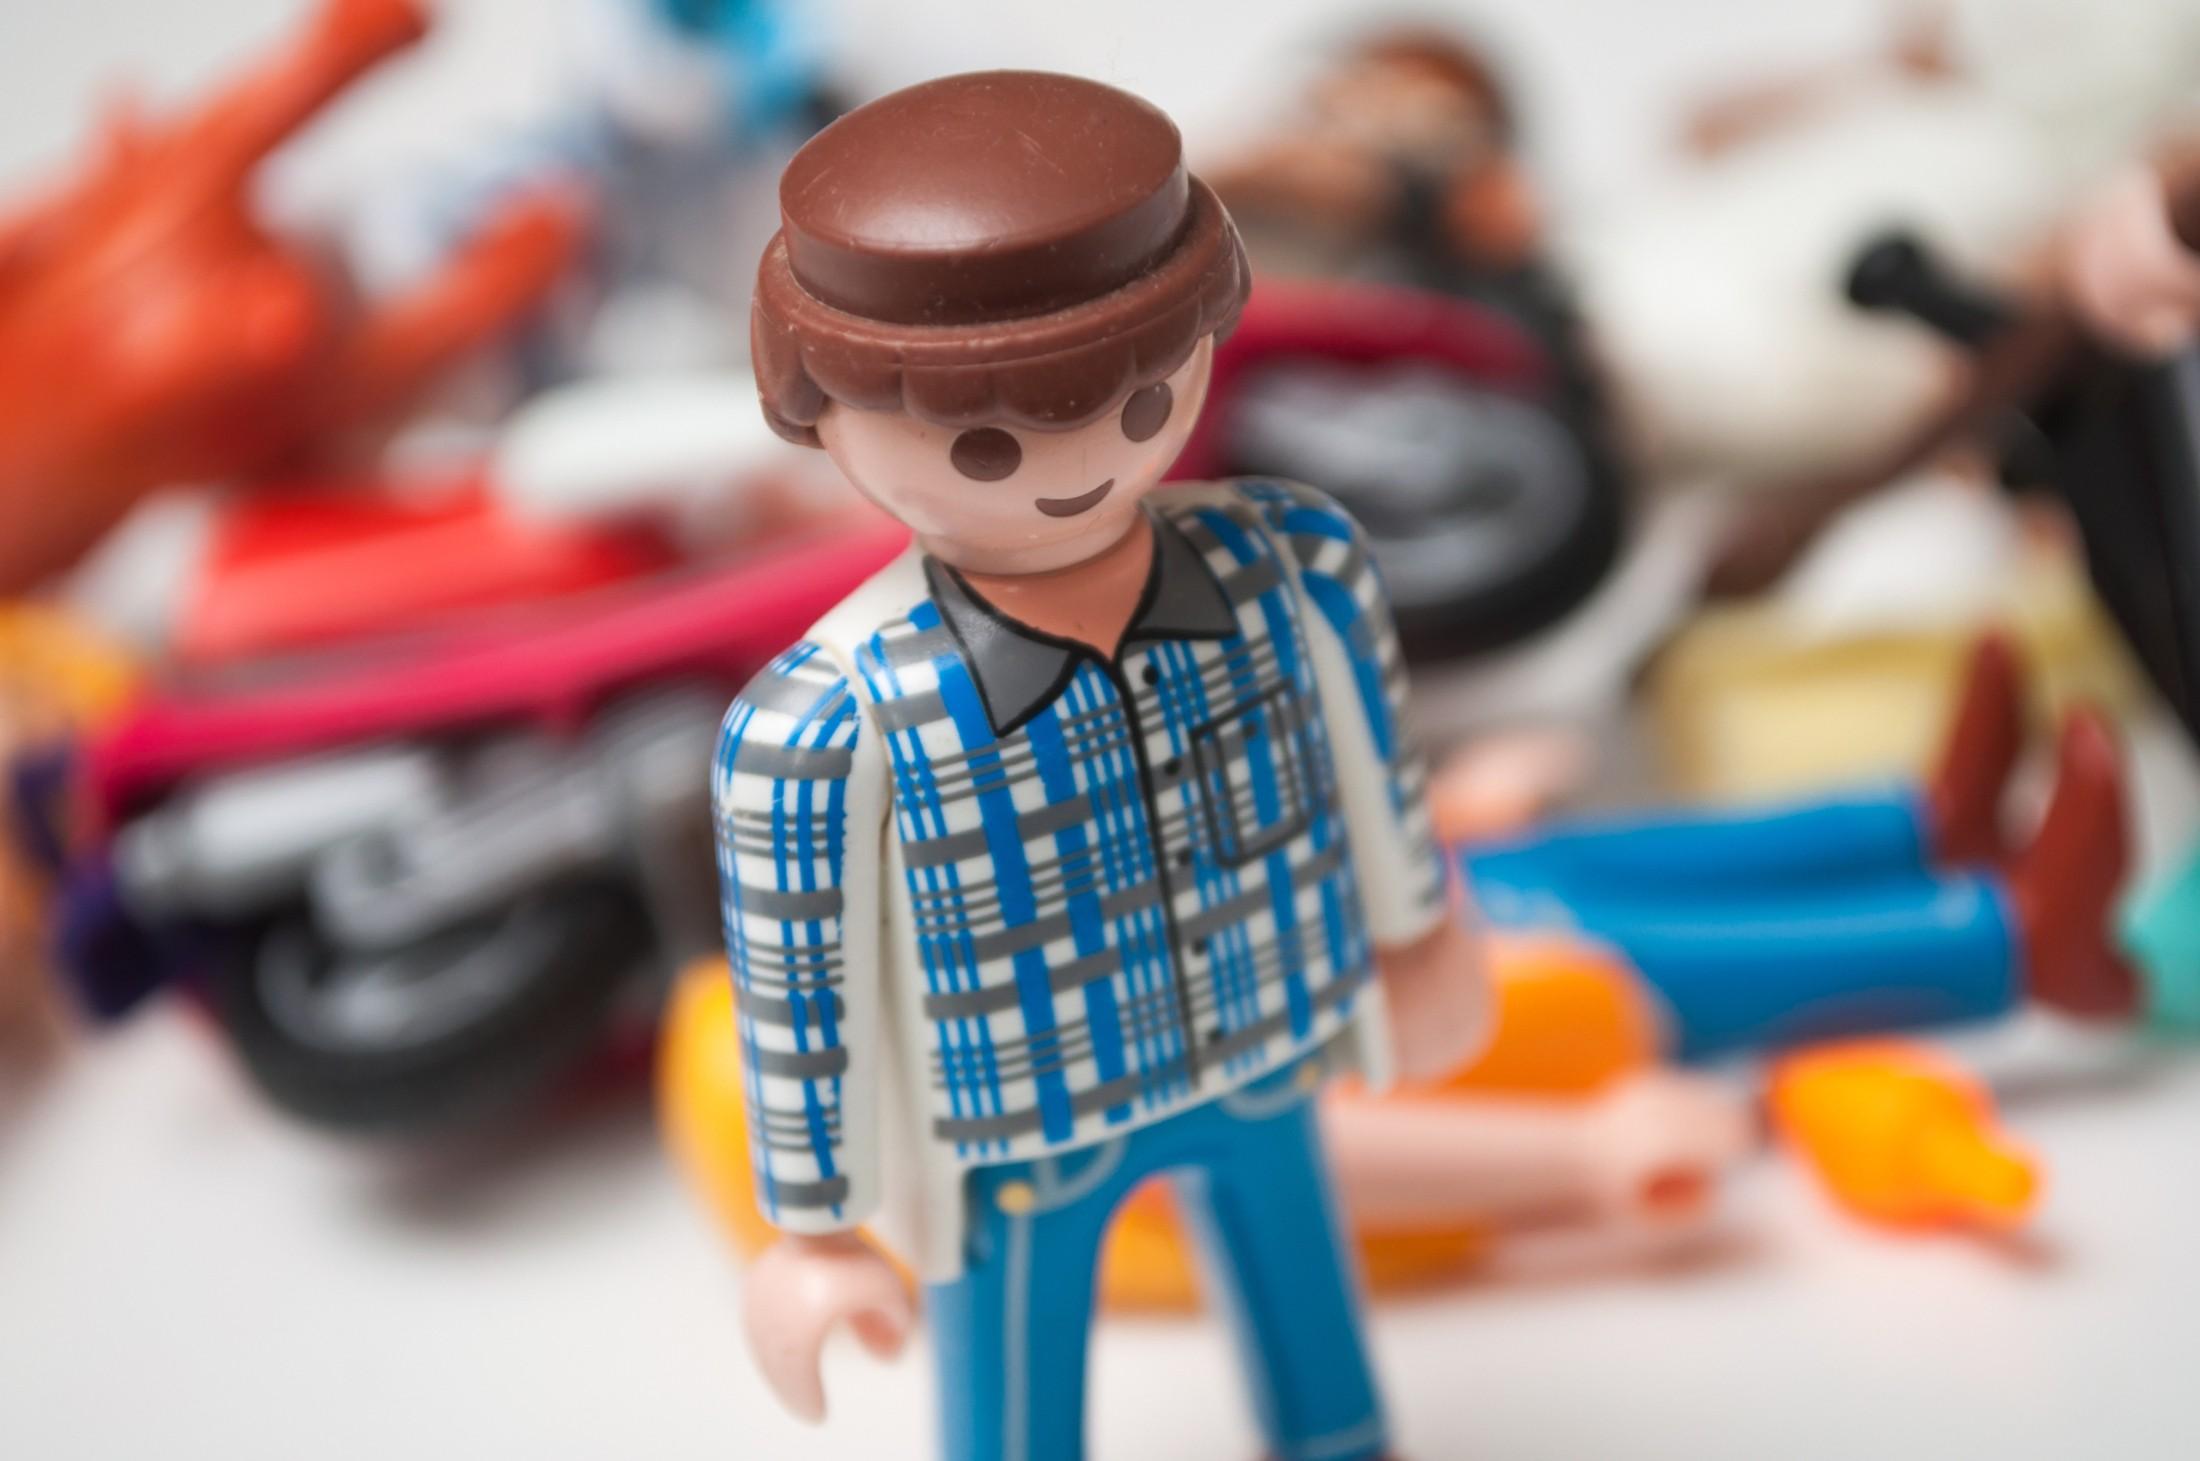 Diese Spielzeug Fakten kannten Sie noch nicht! | krone.at